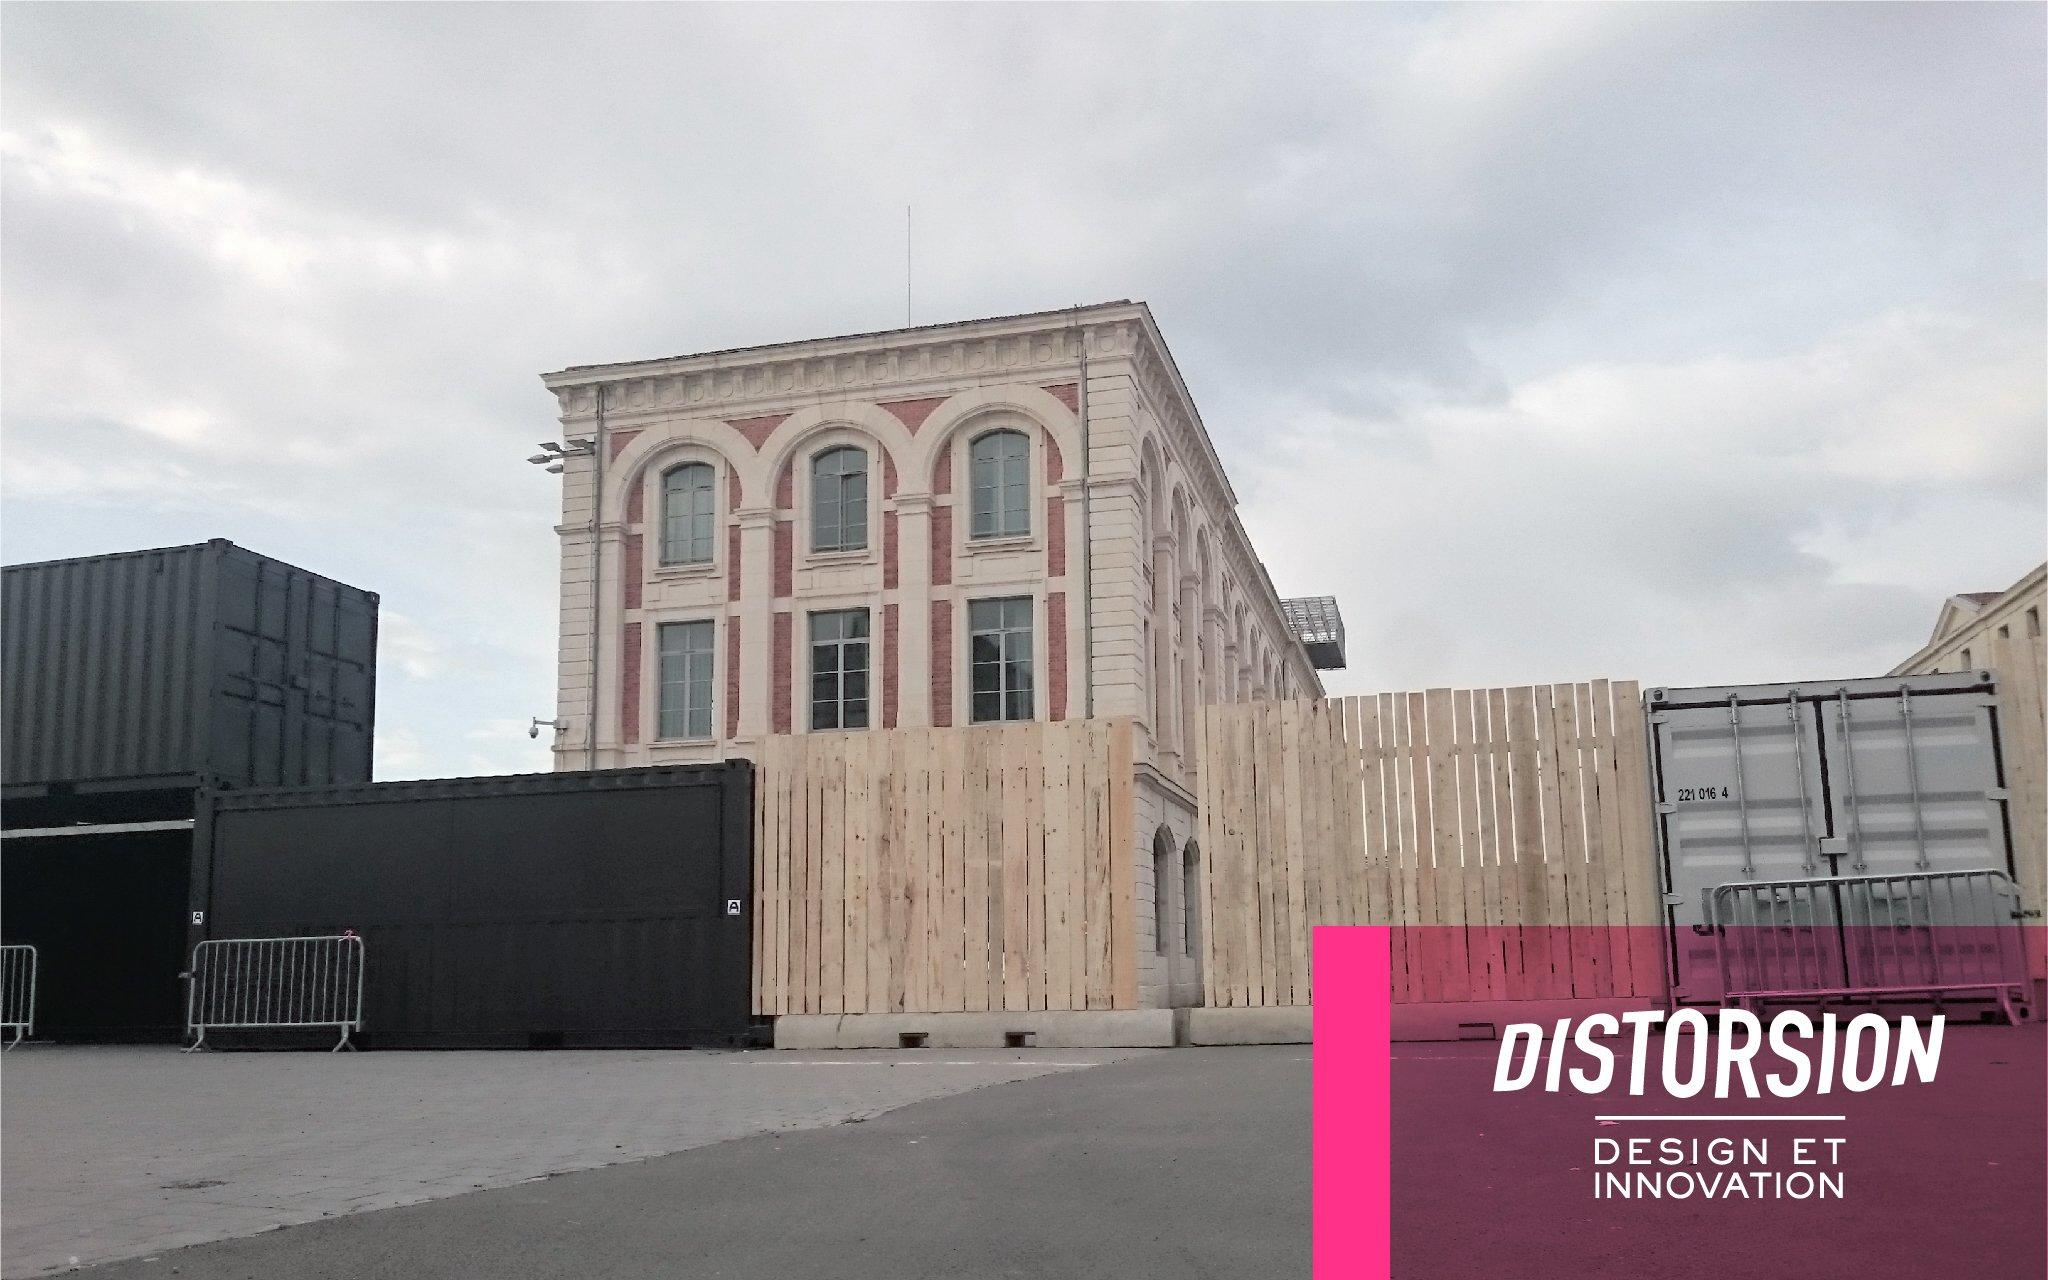 L'échéance approche... @lacitedudesign se transforme en cité interdite pour conserver les mystères de la #biennaledesign17 à venir. https://t.co/USmx2nuqU4